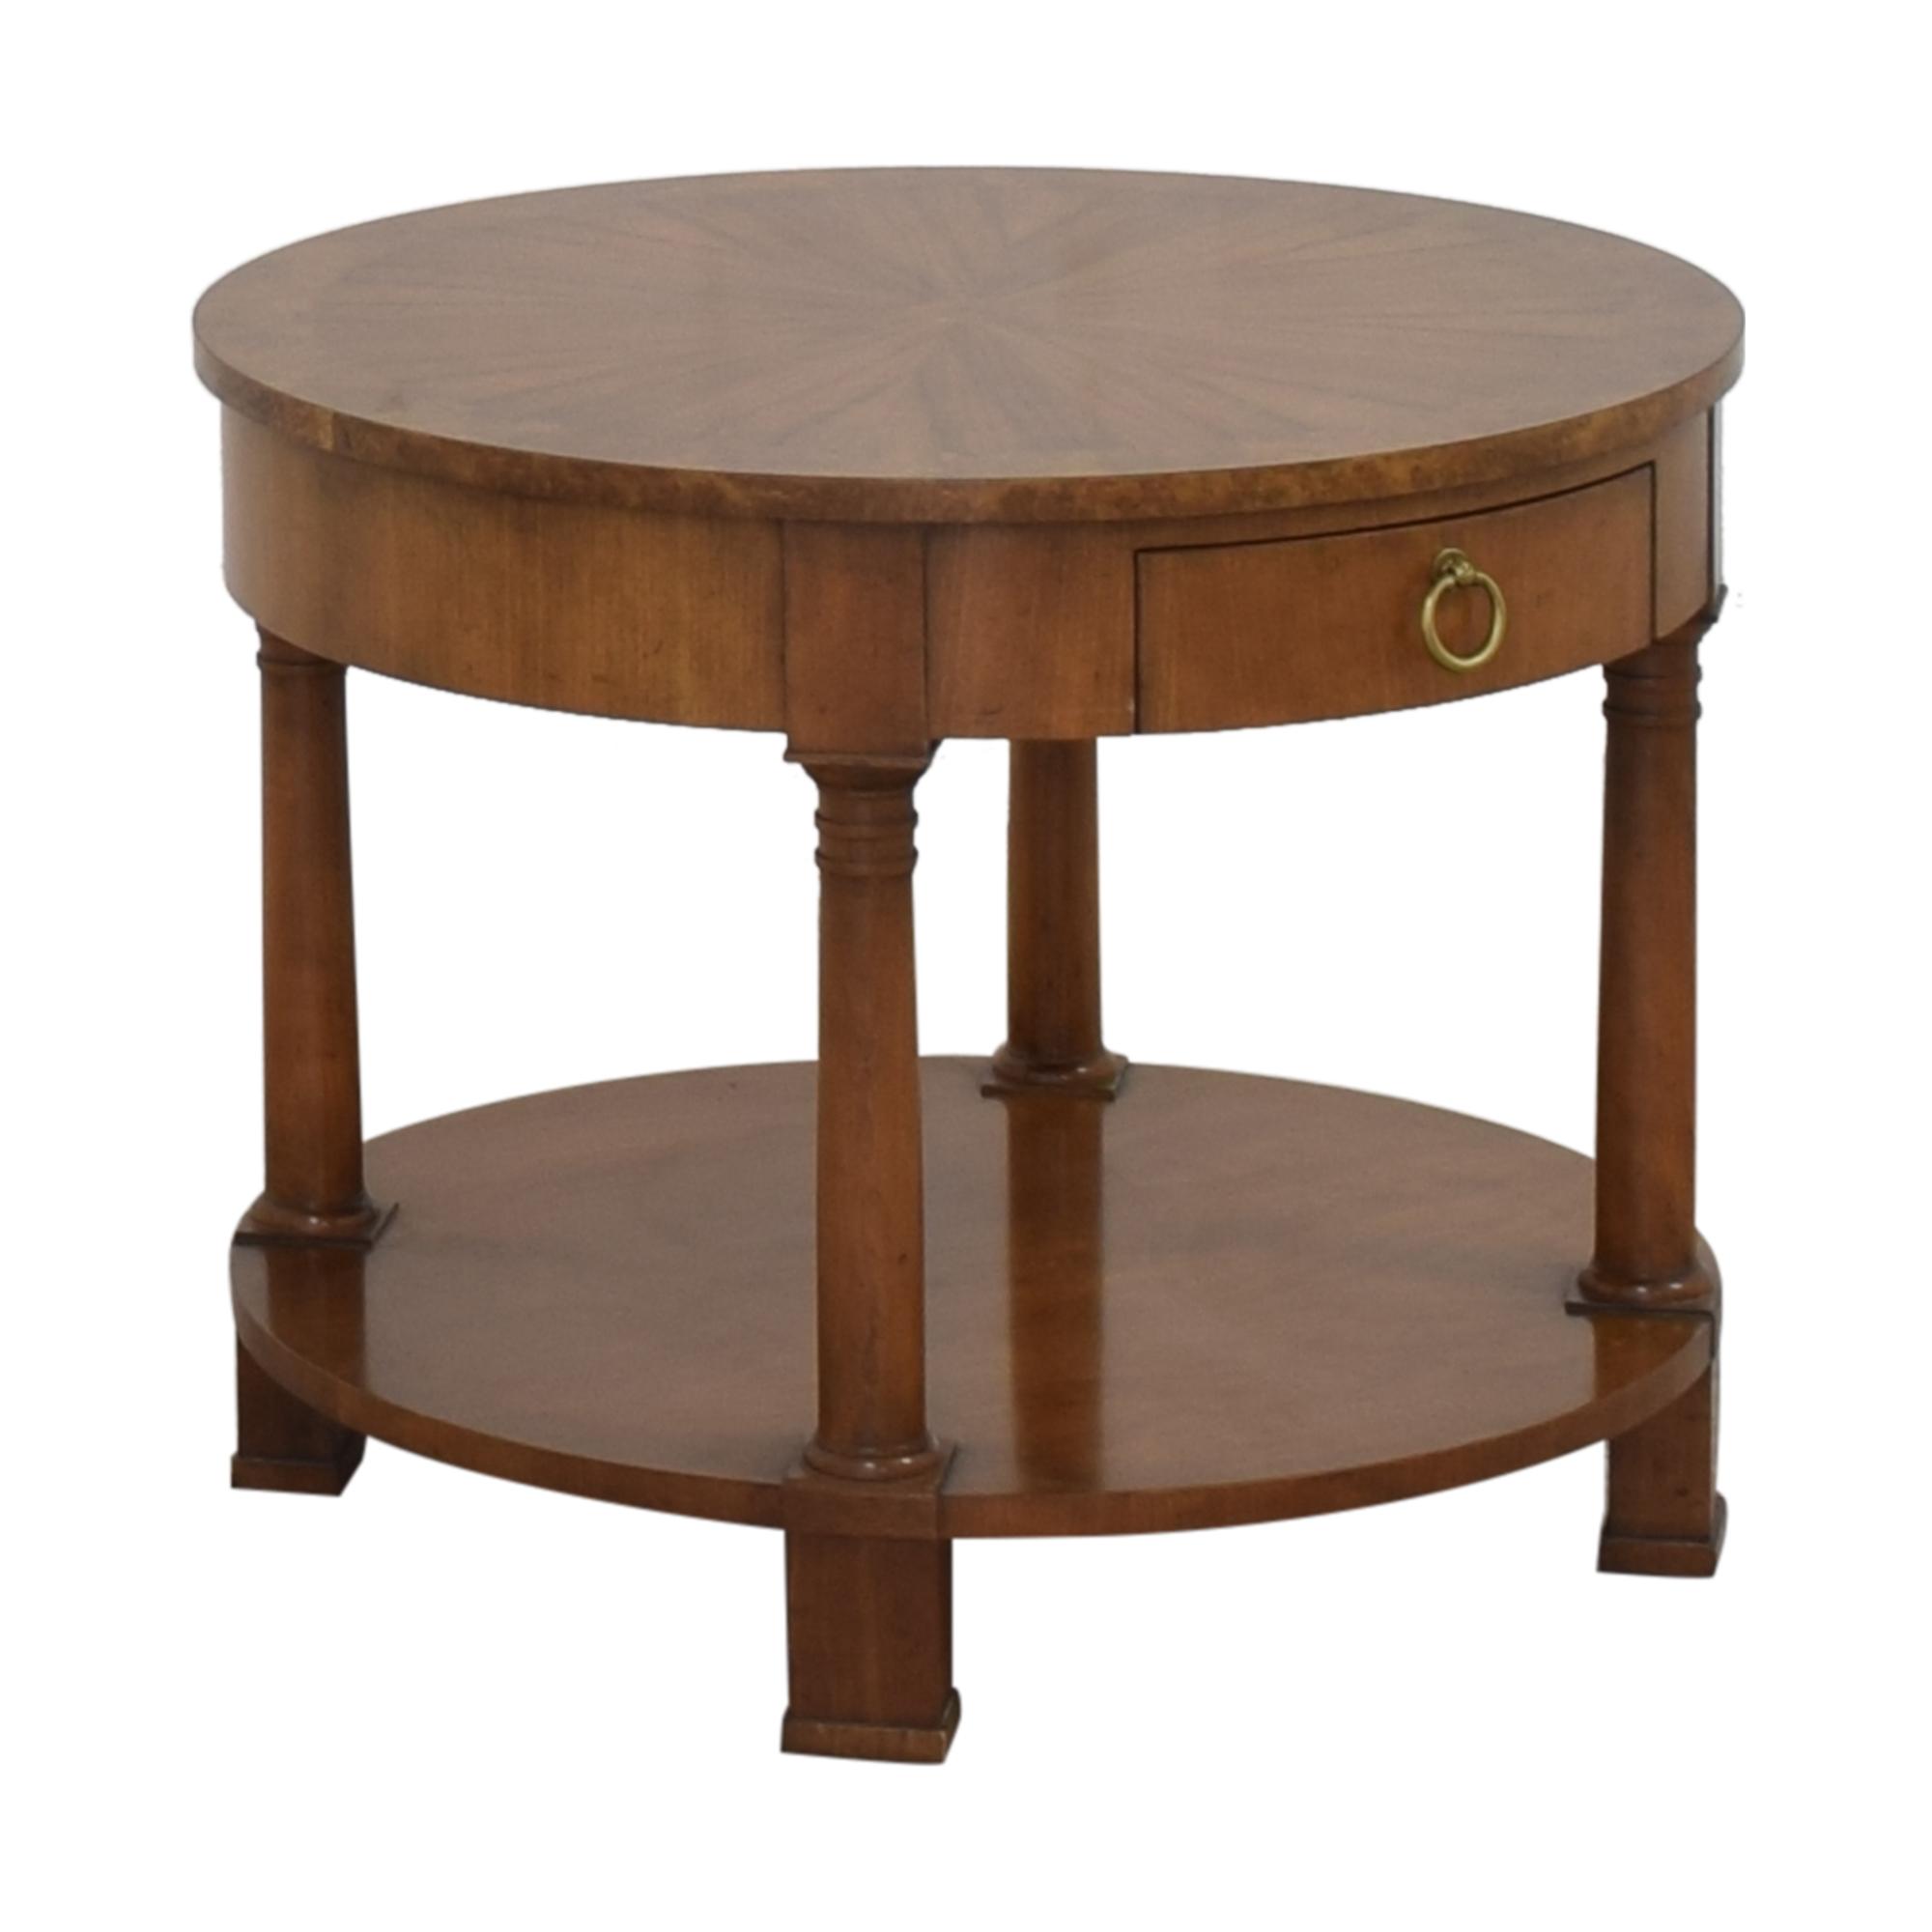 Baker Furniture Baker Furniture Round End Table nj